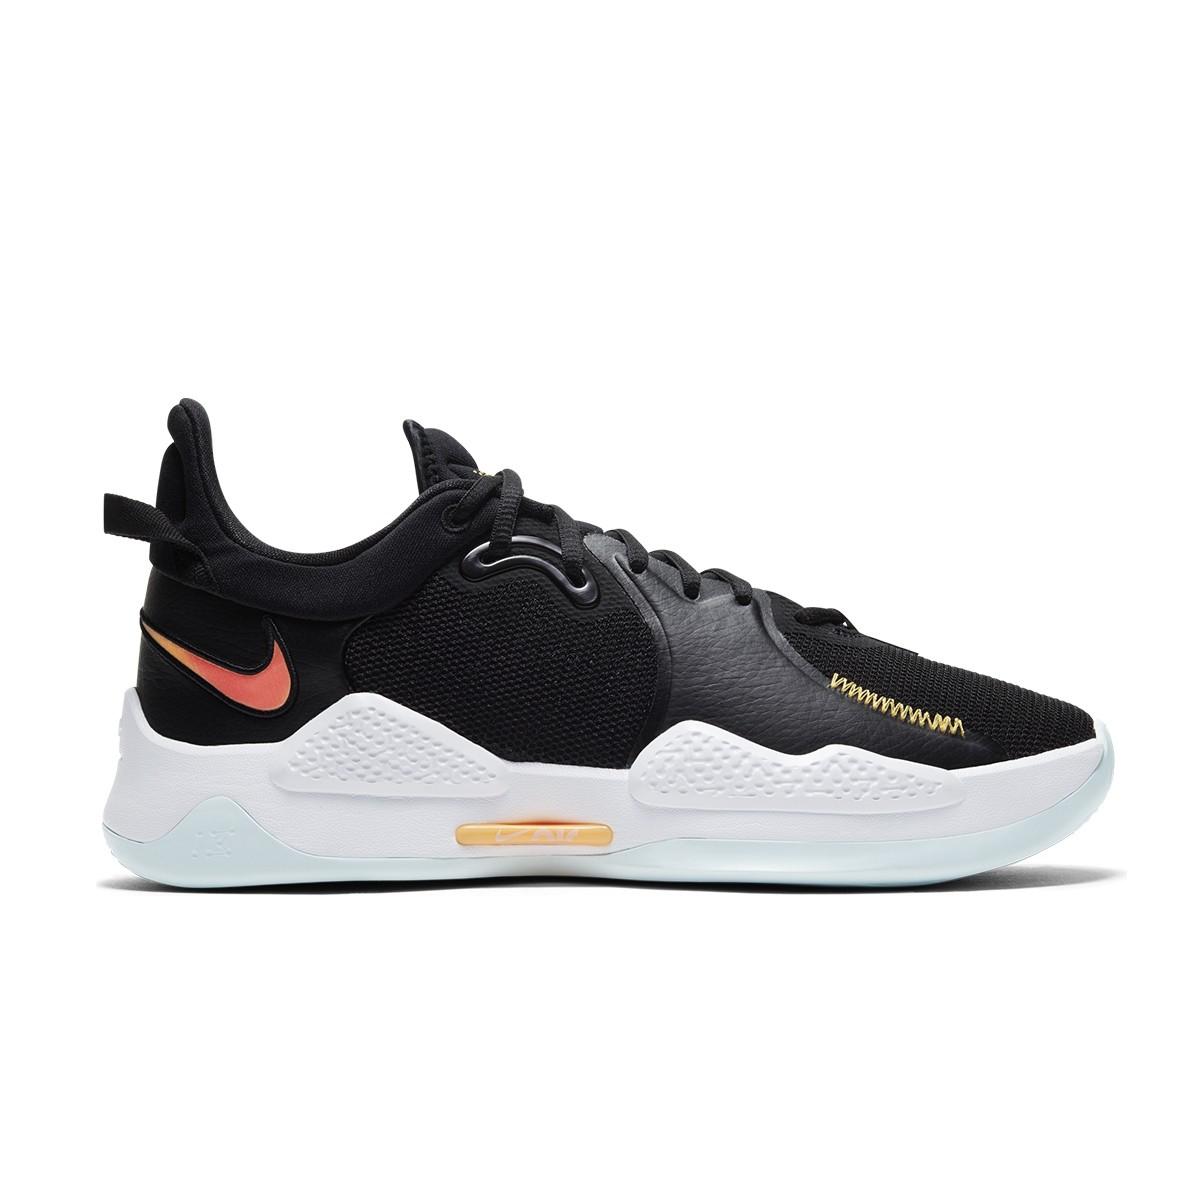 Nike PG 5 'Black & White'